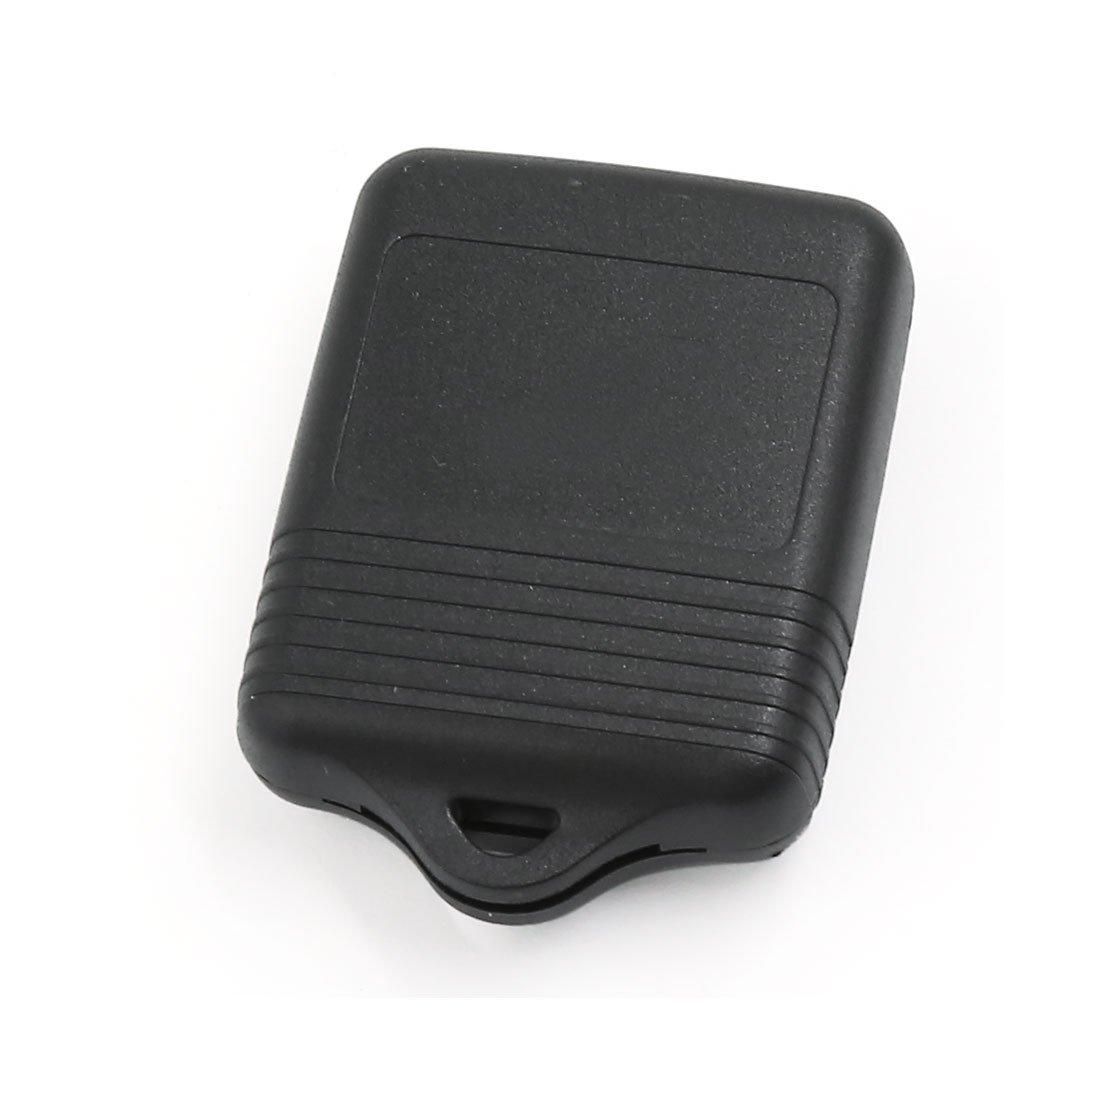 Etbotu Ford Keyless Entry Remote Control Car Key Fob Replacement for CWTWB1U331 CWTWB1U212 CWTWB1U345 GQ43VT11T